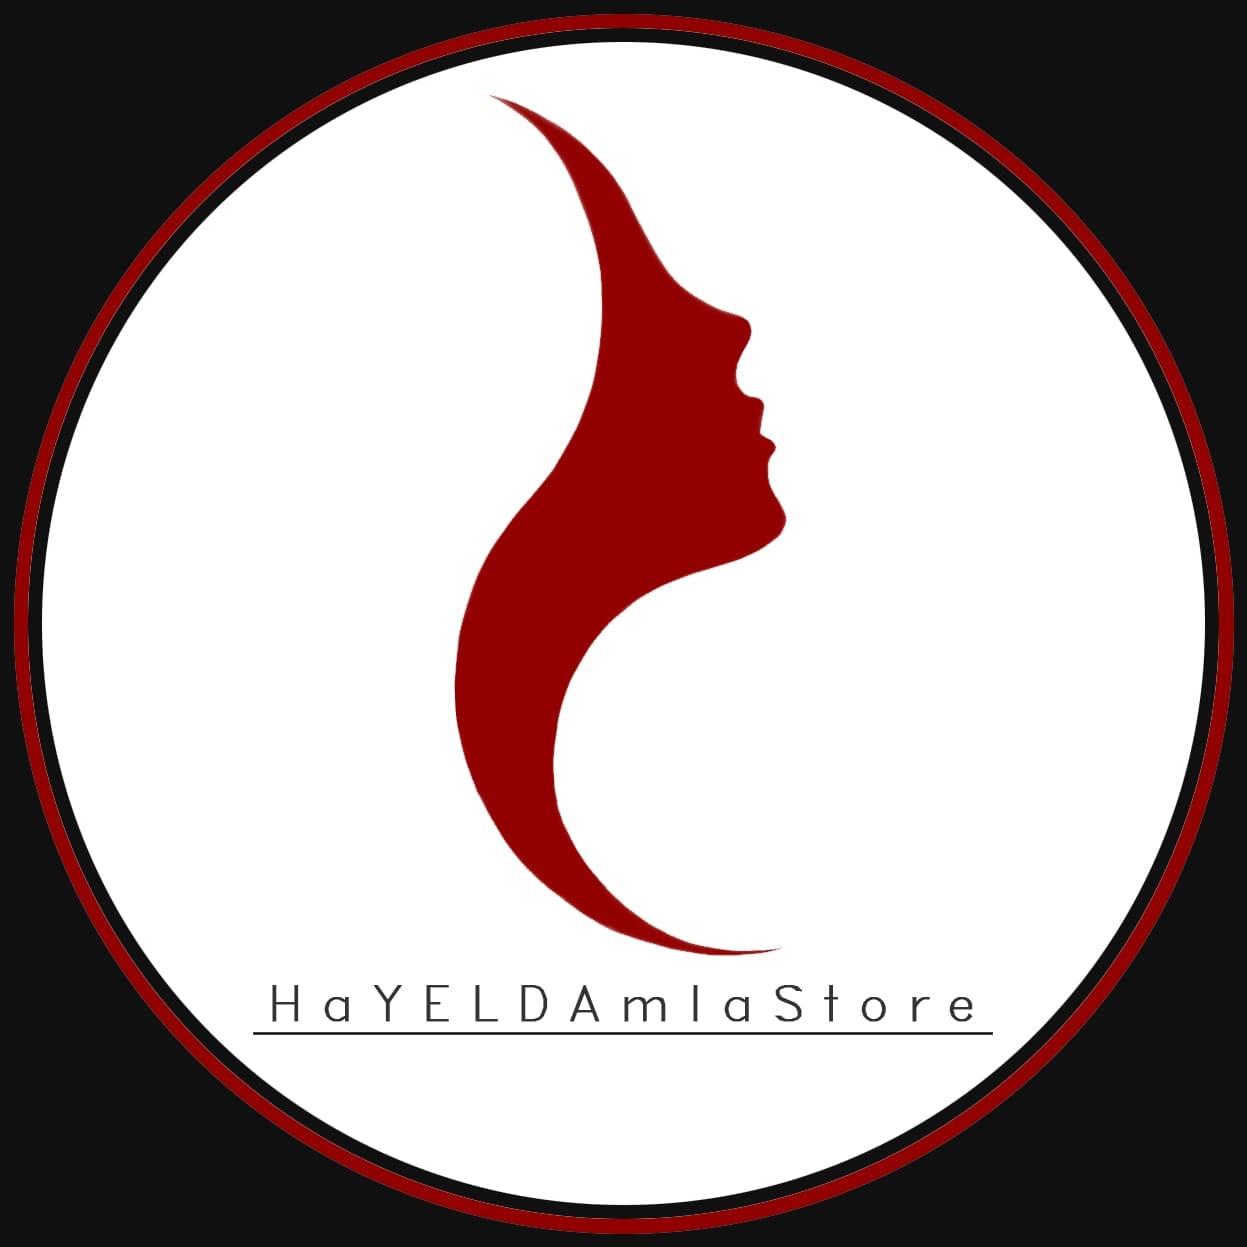 haYELDAmlaStore